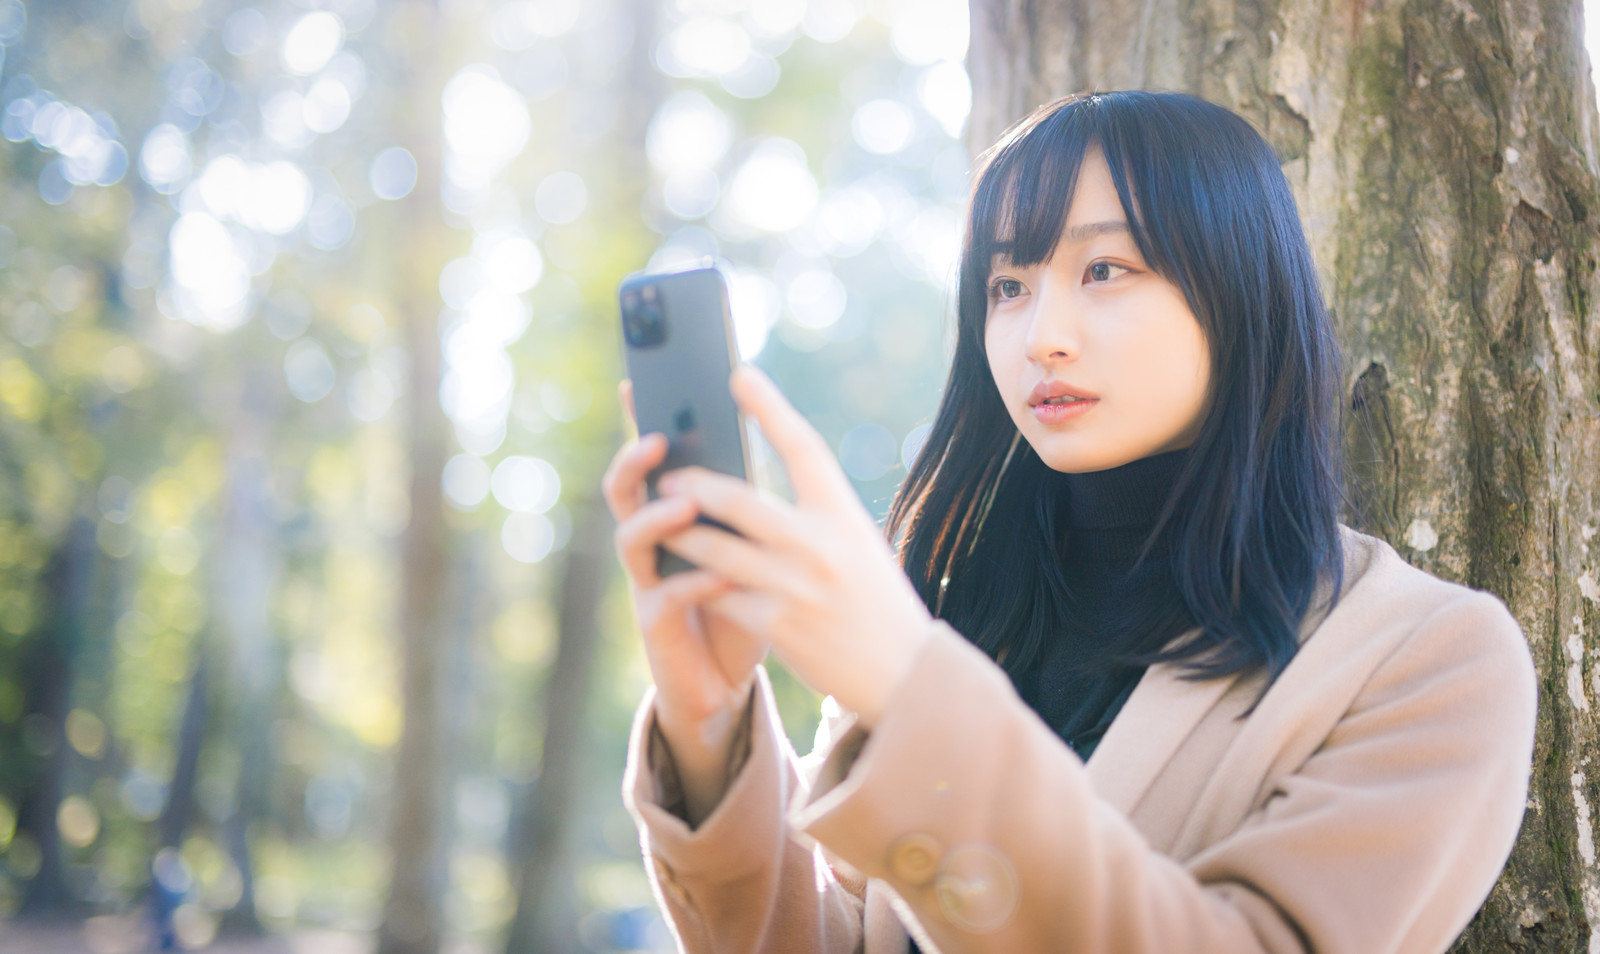 目線の高さでスマートフォンを操作する女性